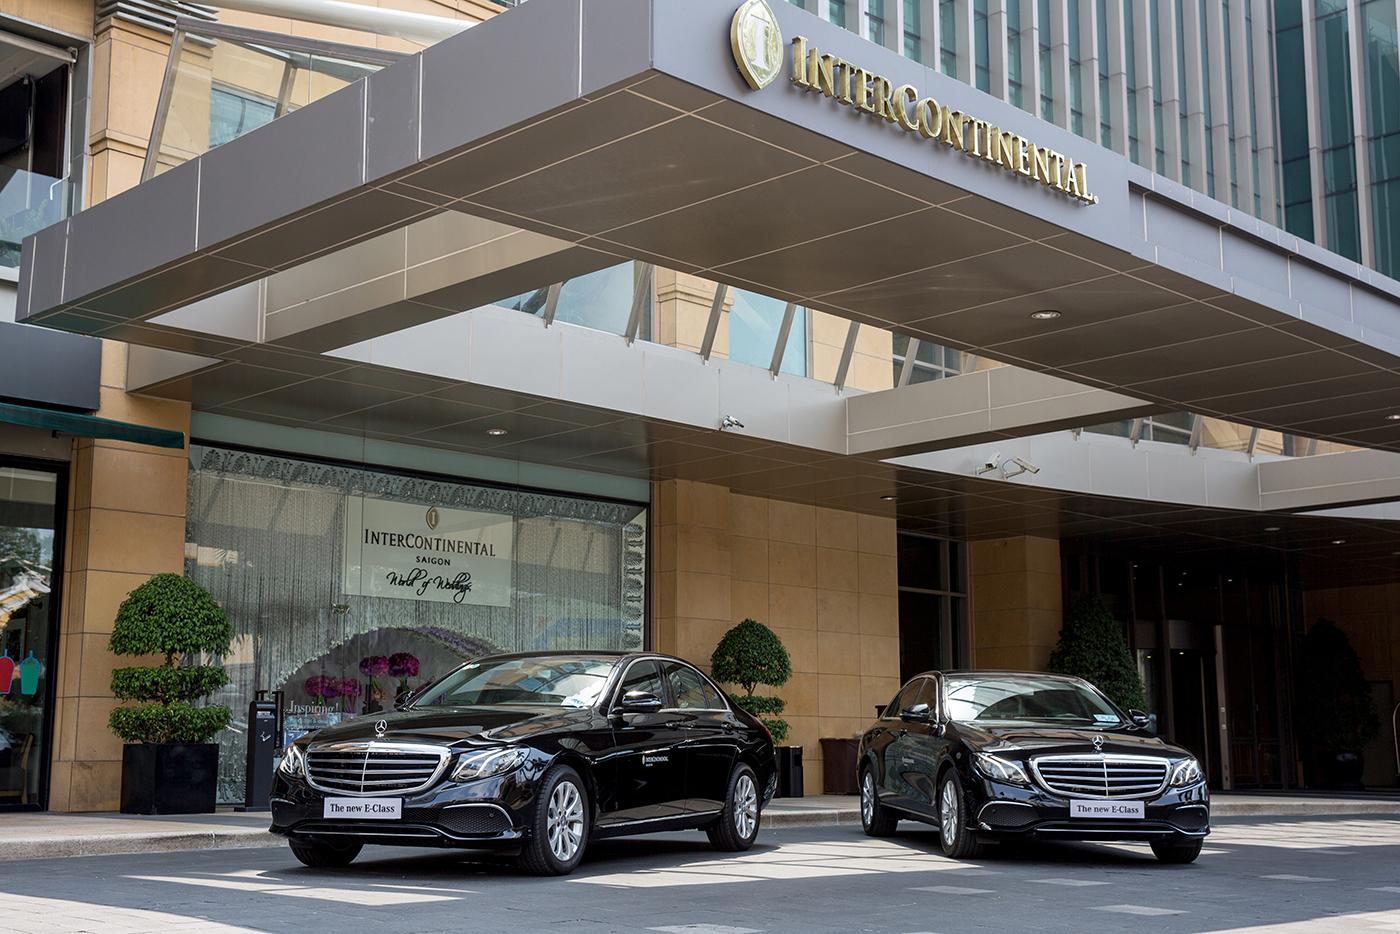 Mercedes-Benz tiếp tục bàn giao 5 xe E-Class 2017 cho khách sạn 5 sao - ảnh 3